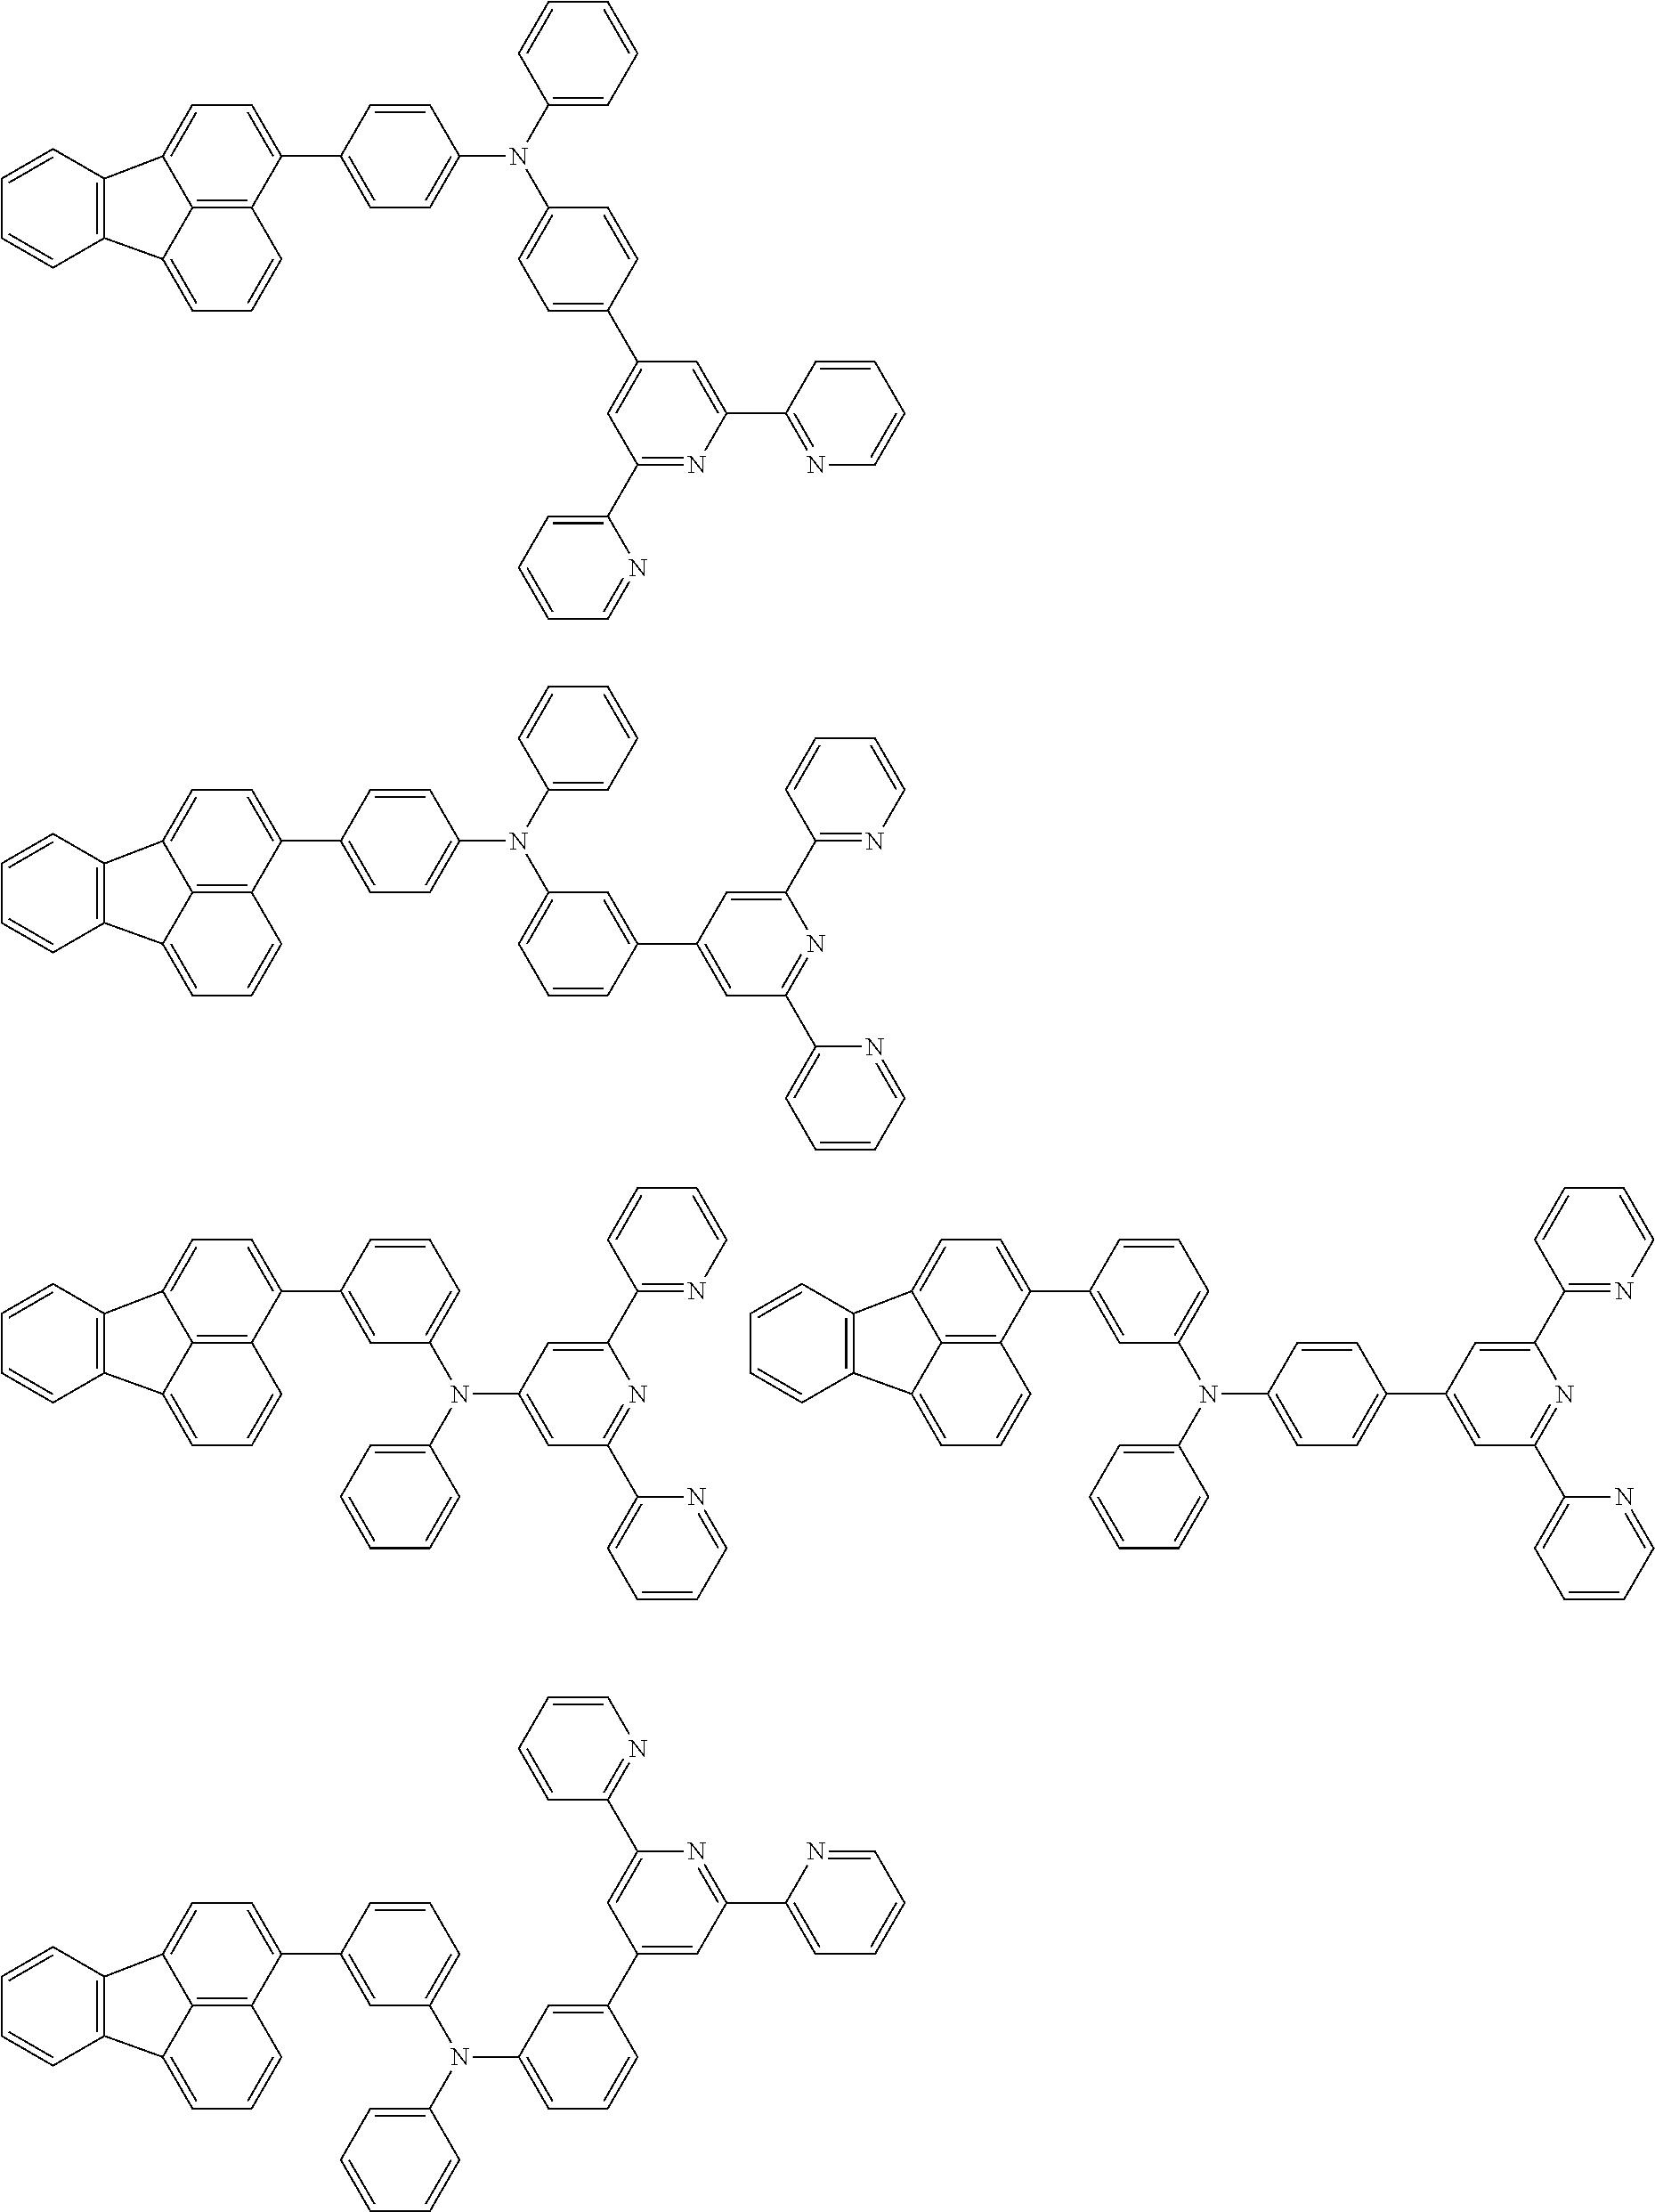 Figure US20150280139A1-20151001-C00114